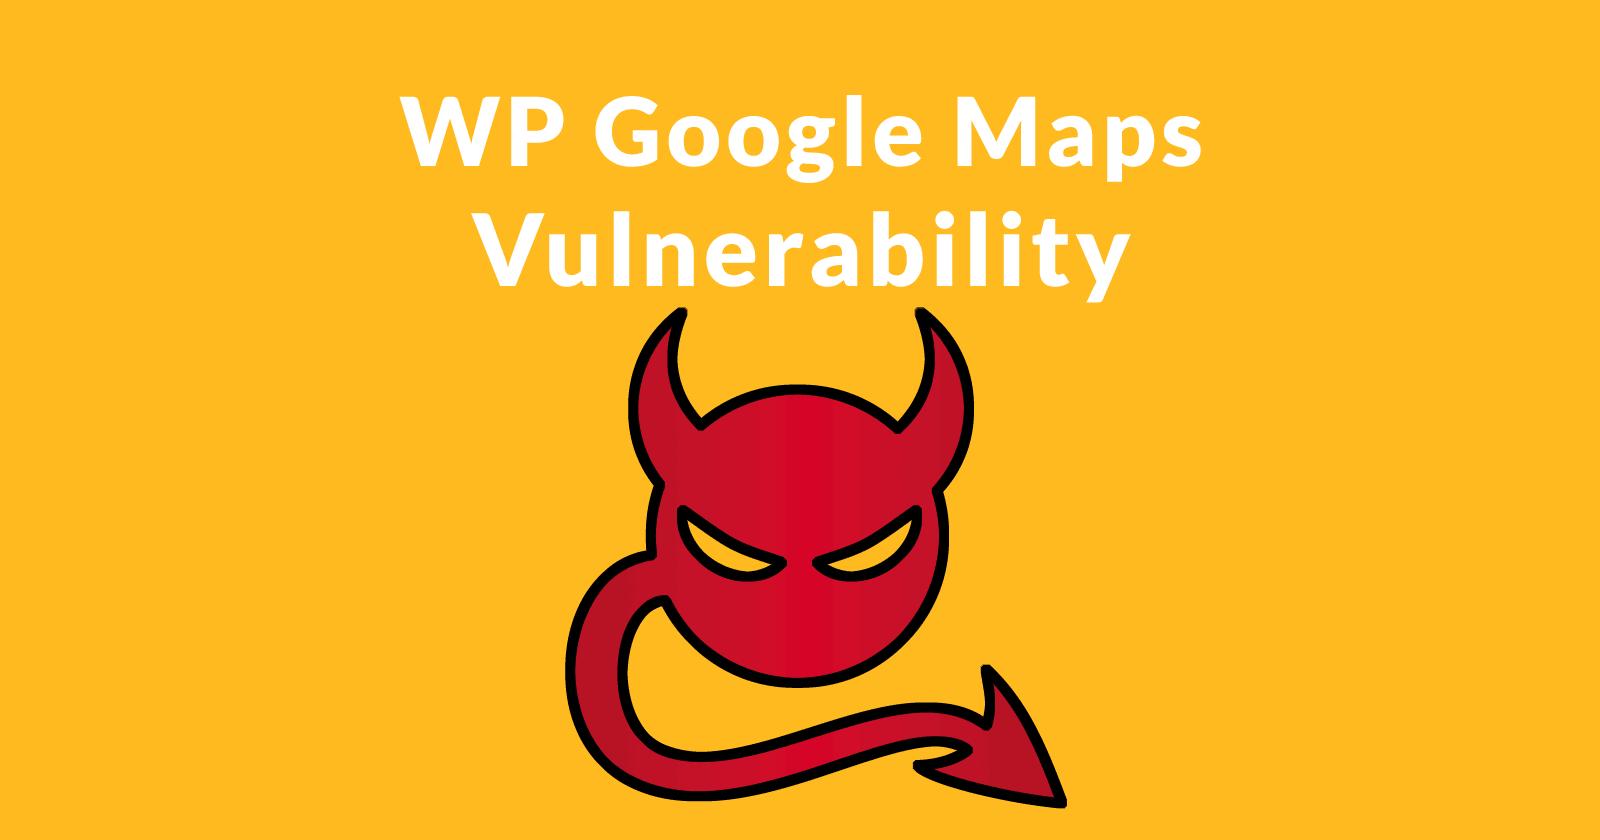 WP Google Maps Plugin vulnérable à l'injection SQL Exploit